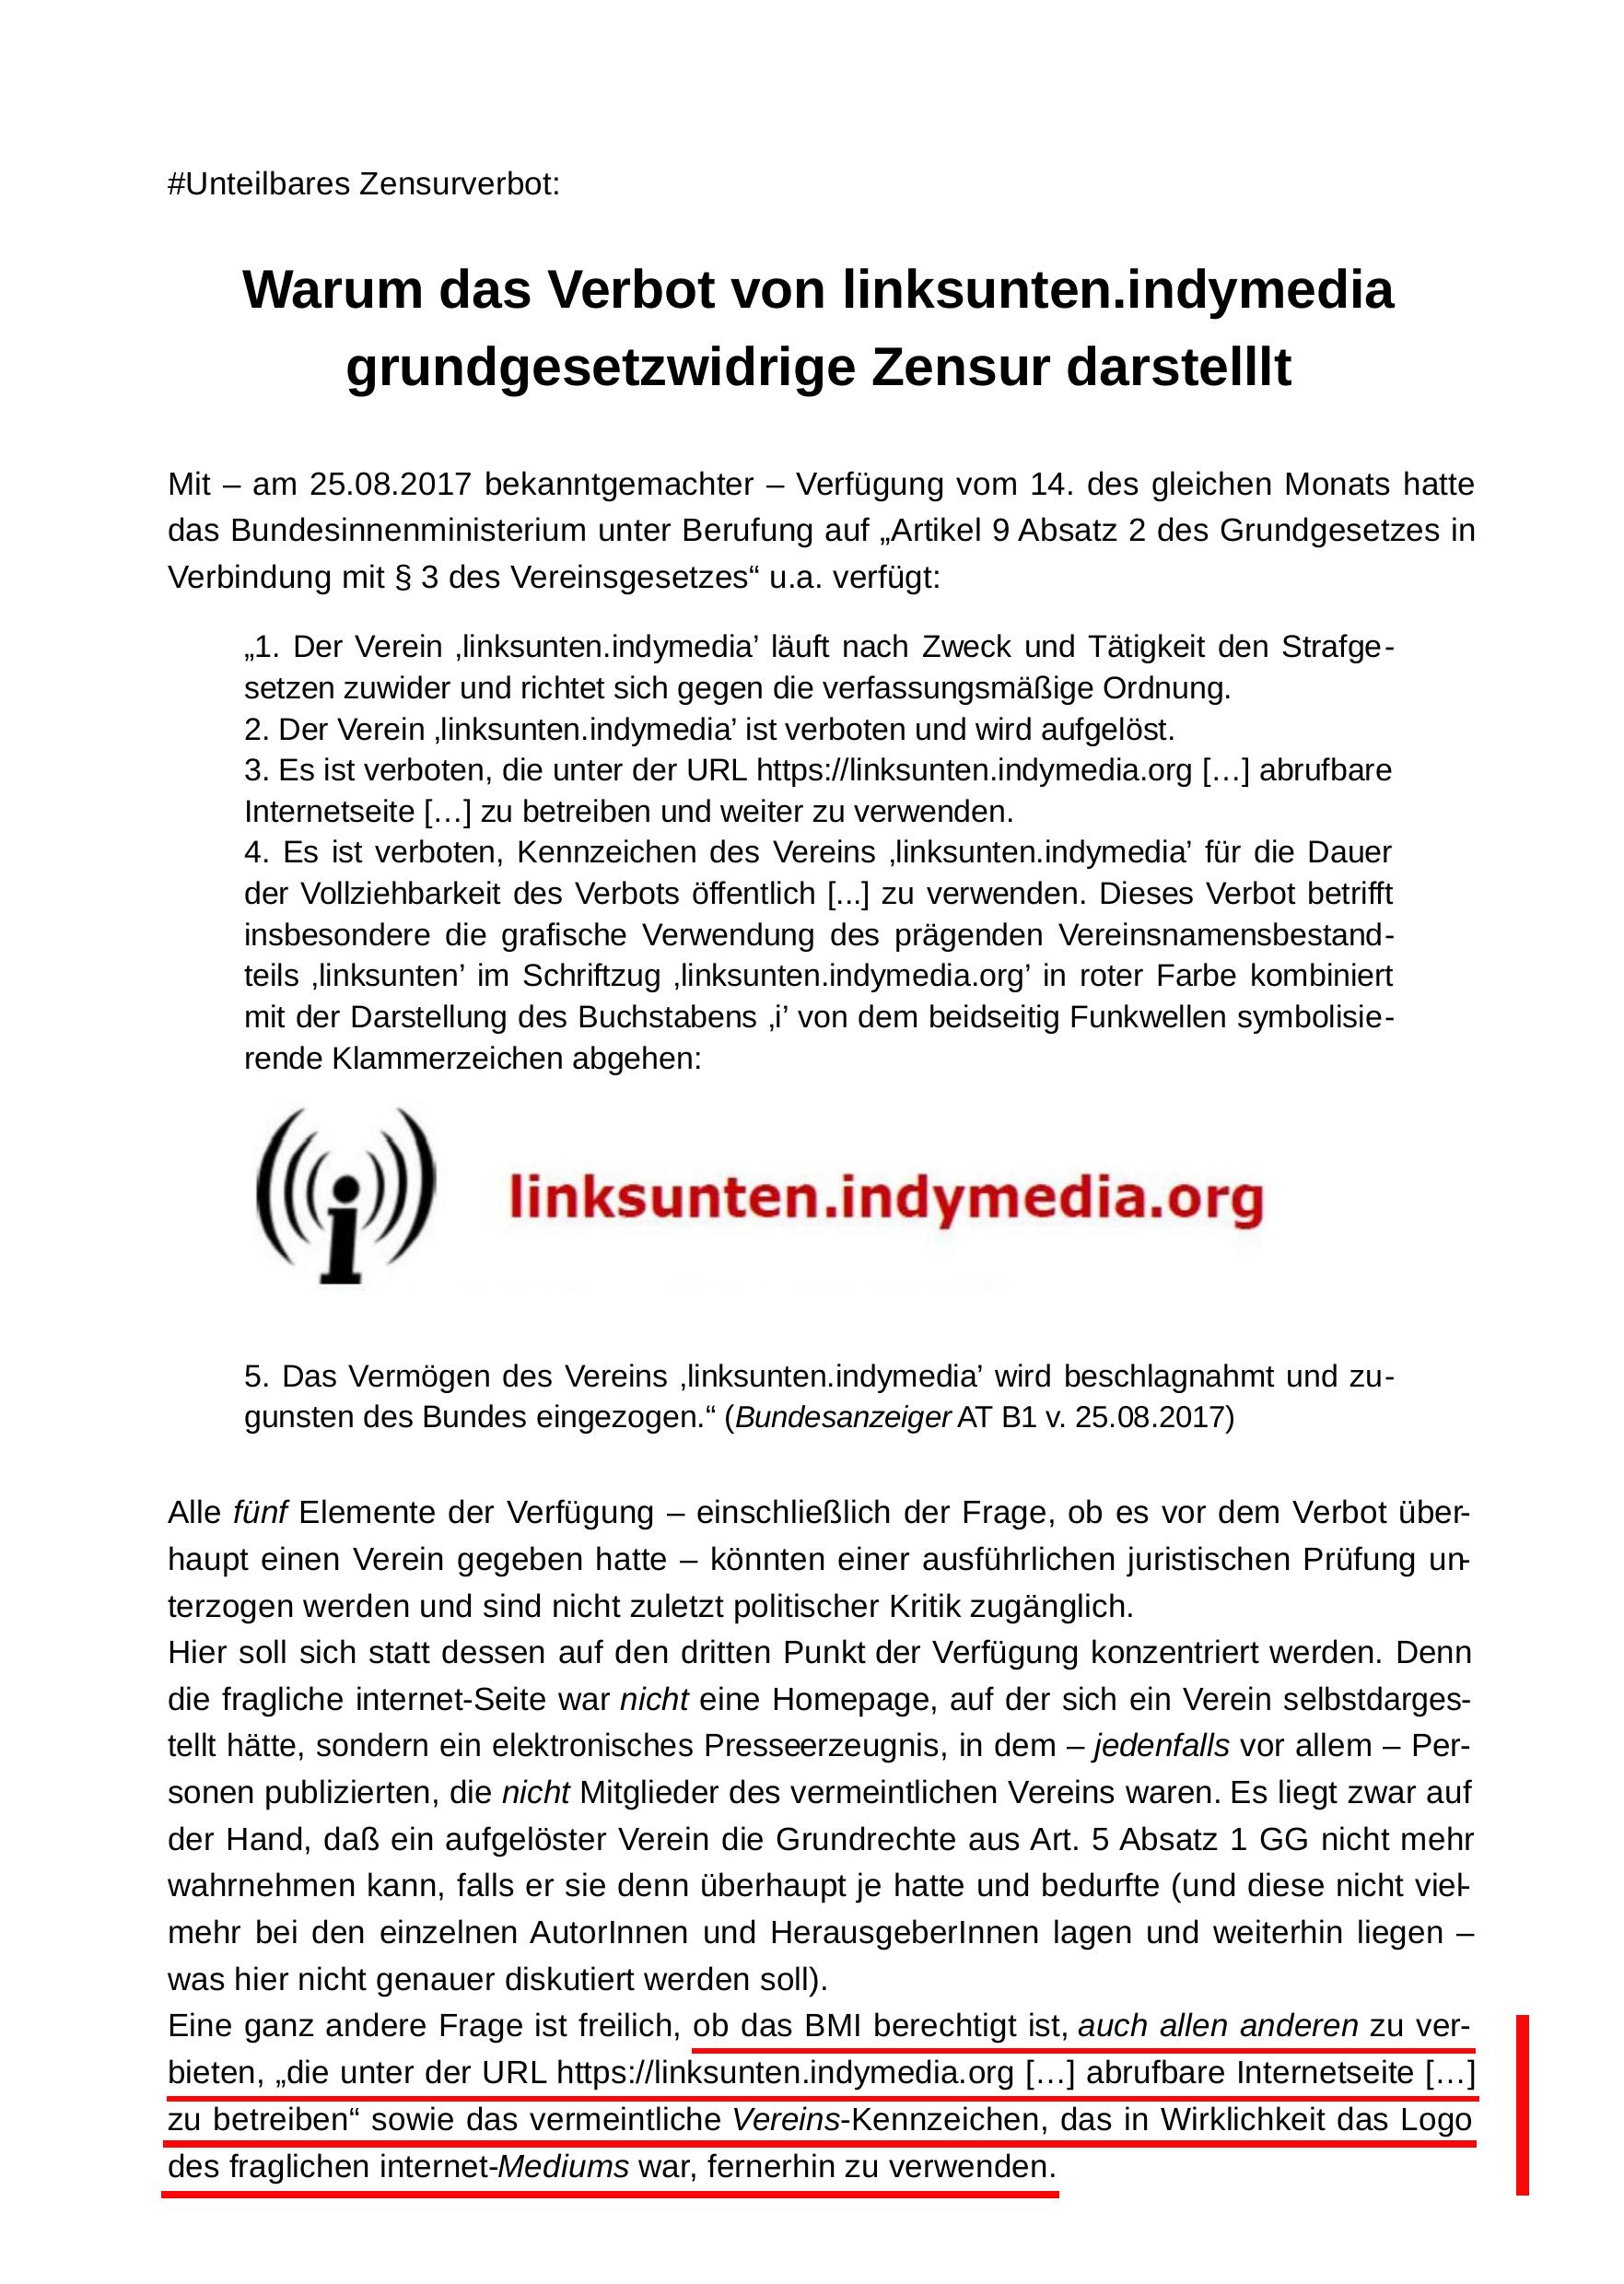 Flugblatt für die #Unteilbar-Demo am 13.10.2018 in Berlin